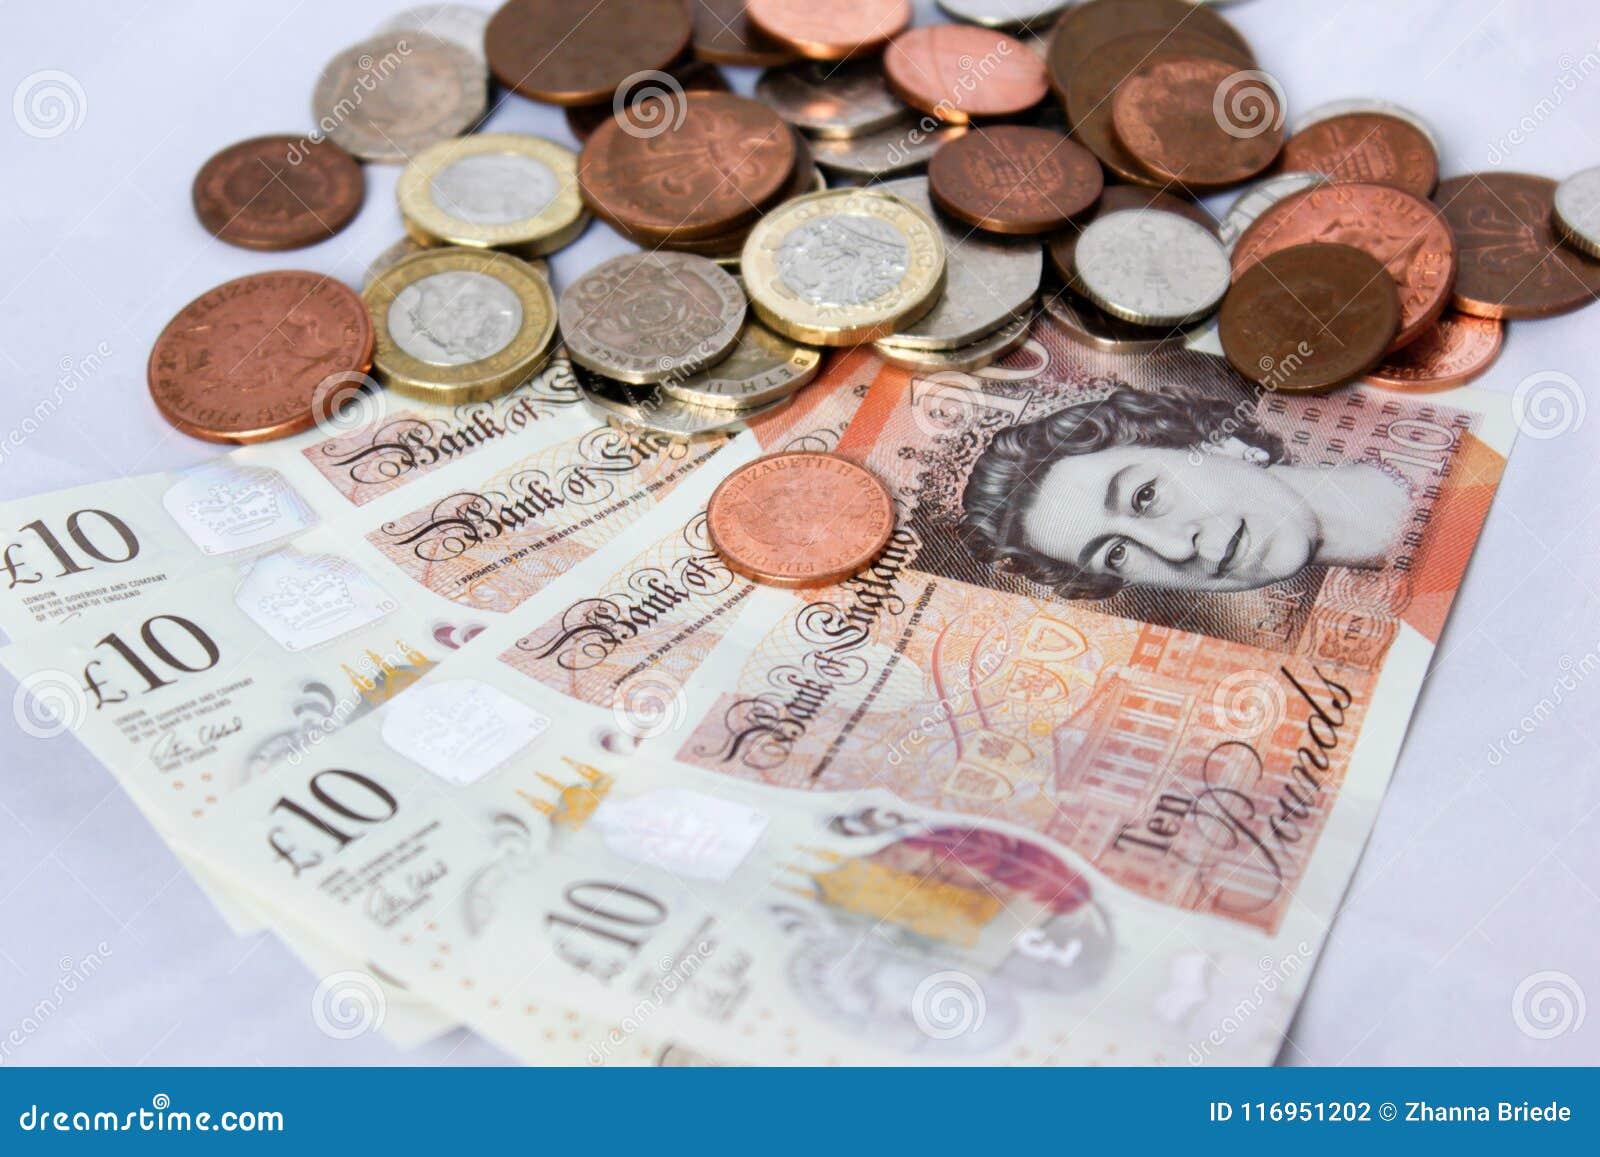 Englisches Geld Und Münzen Redaktionelles Stockfotografie Bild Von